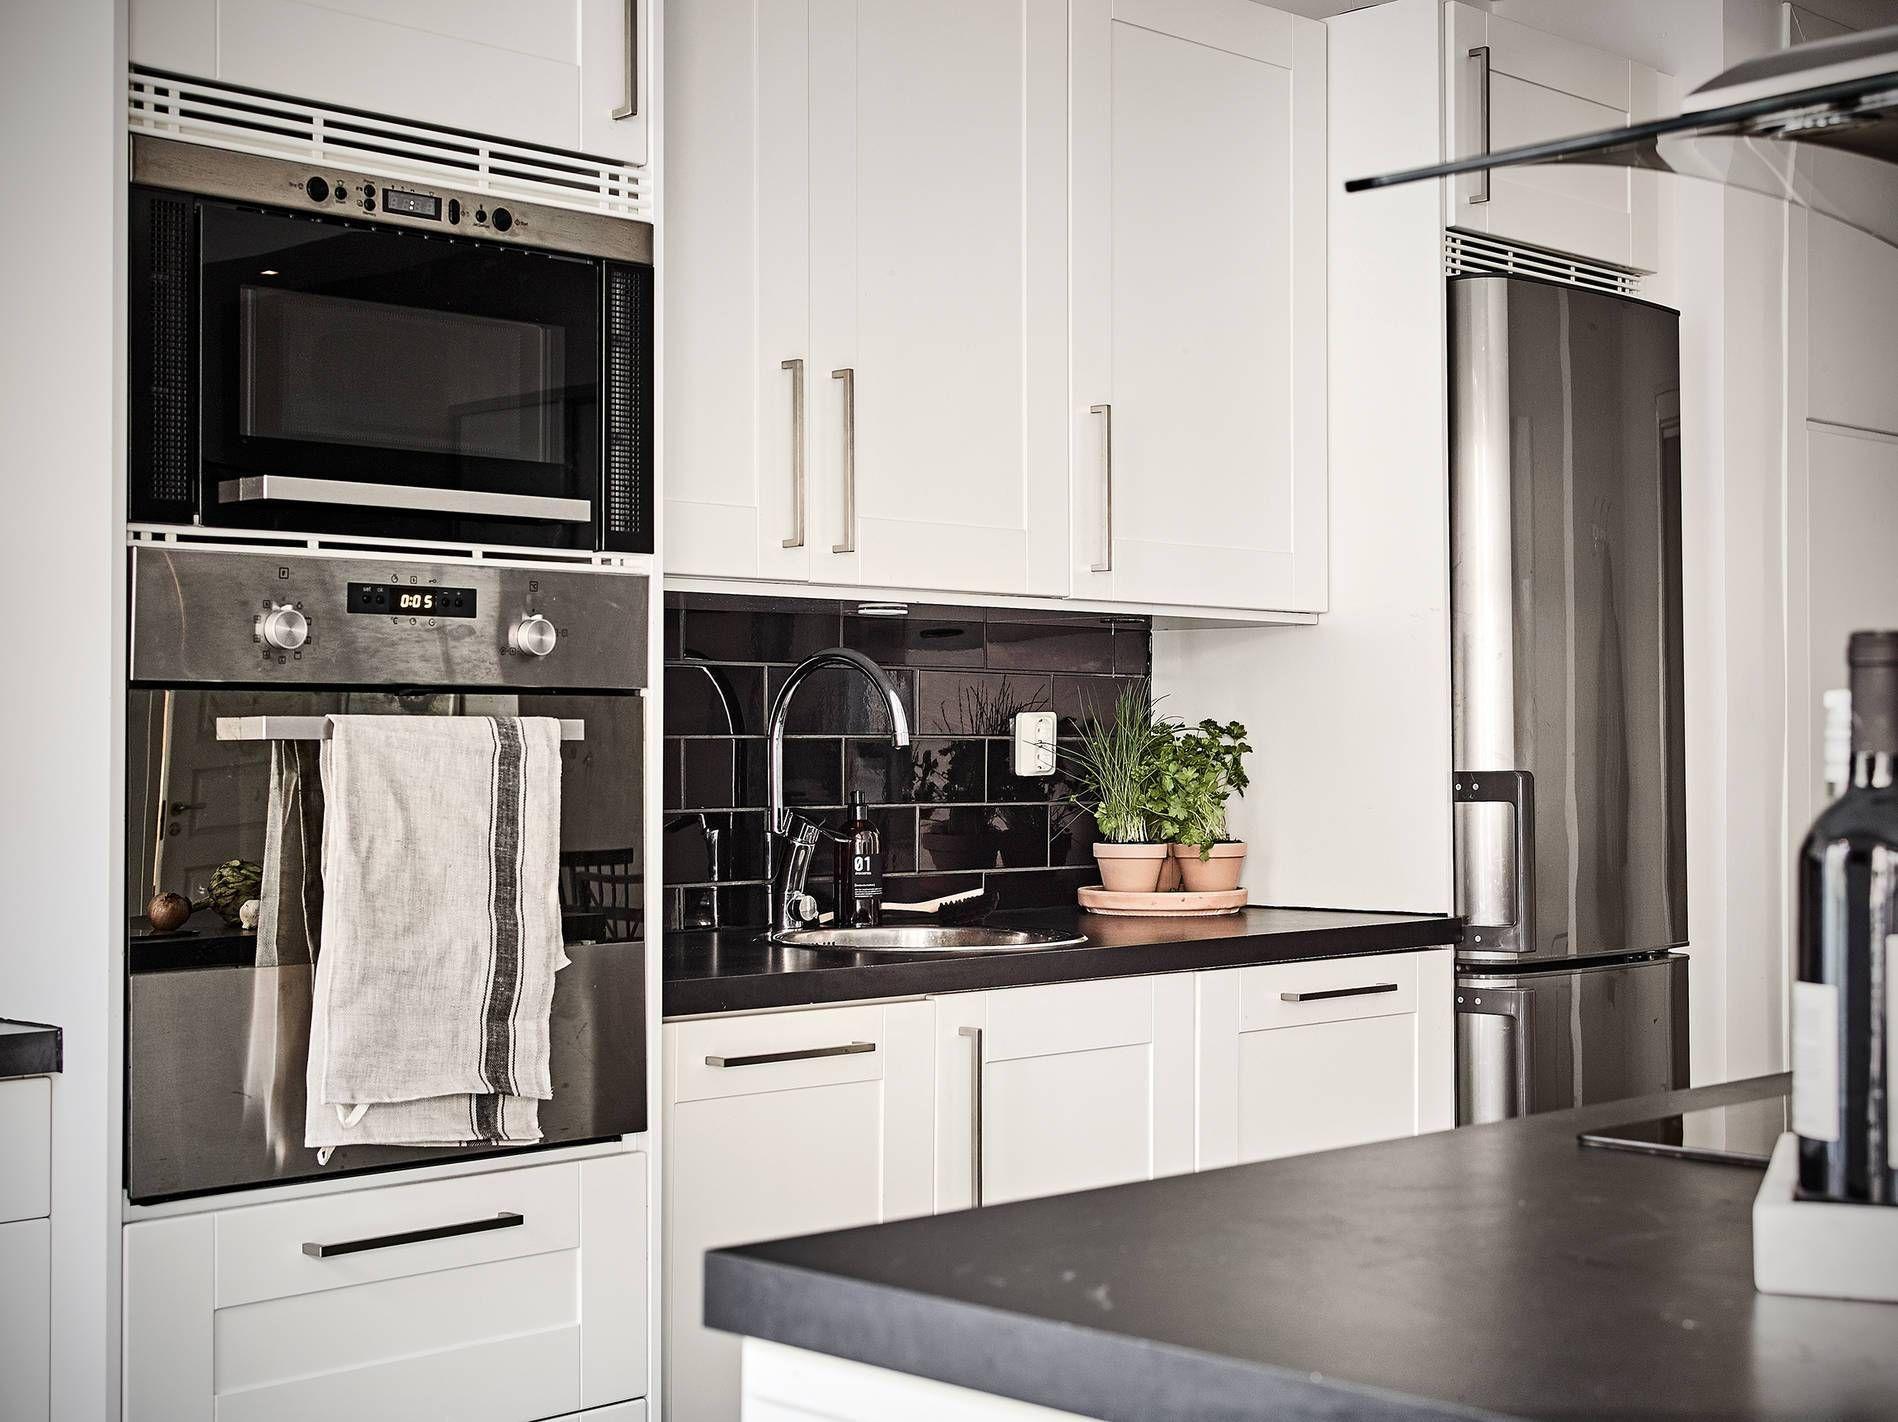 Perfecta cocina abierta cocinas abiertas cocina n rdica - Cocinas nordicas ...